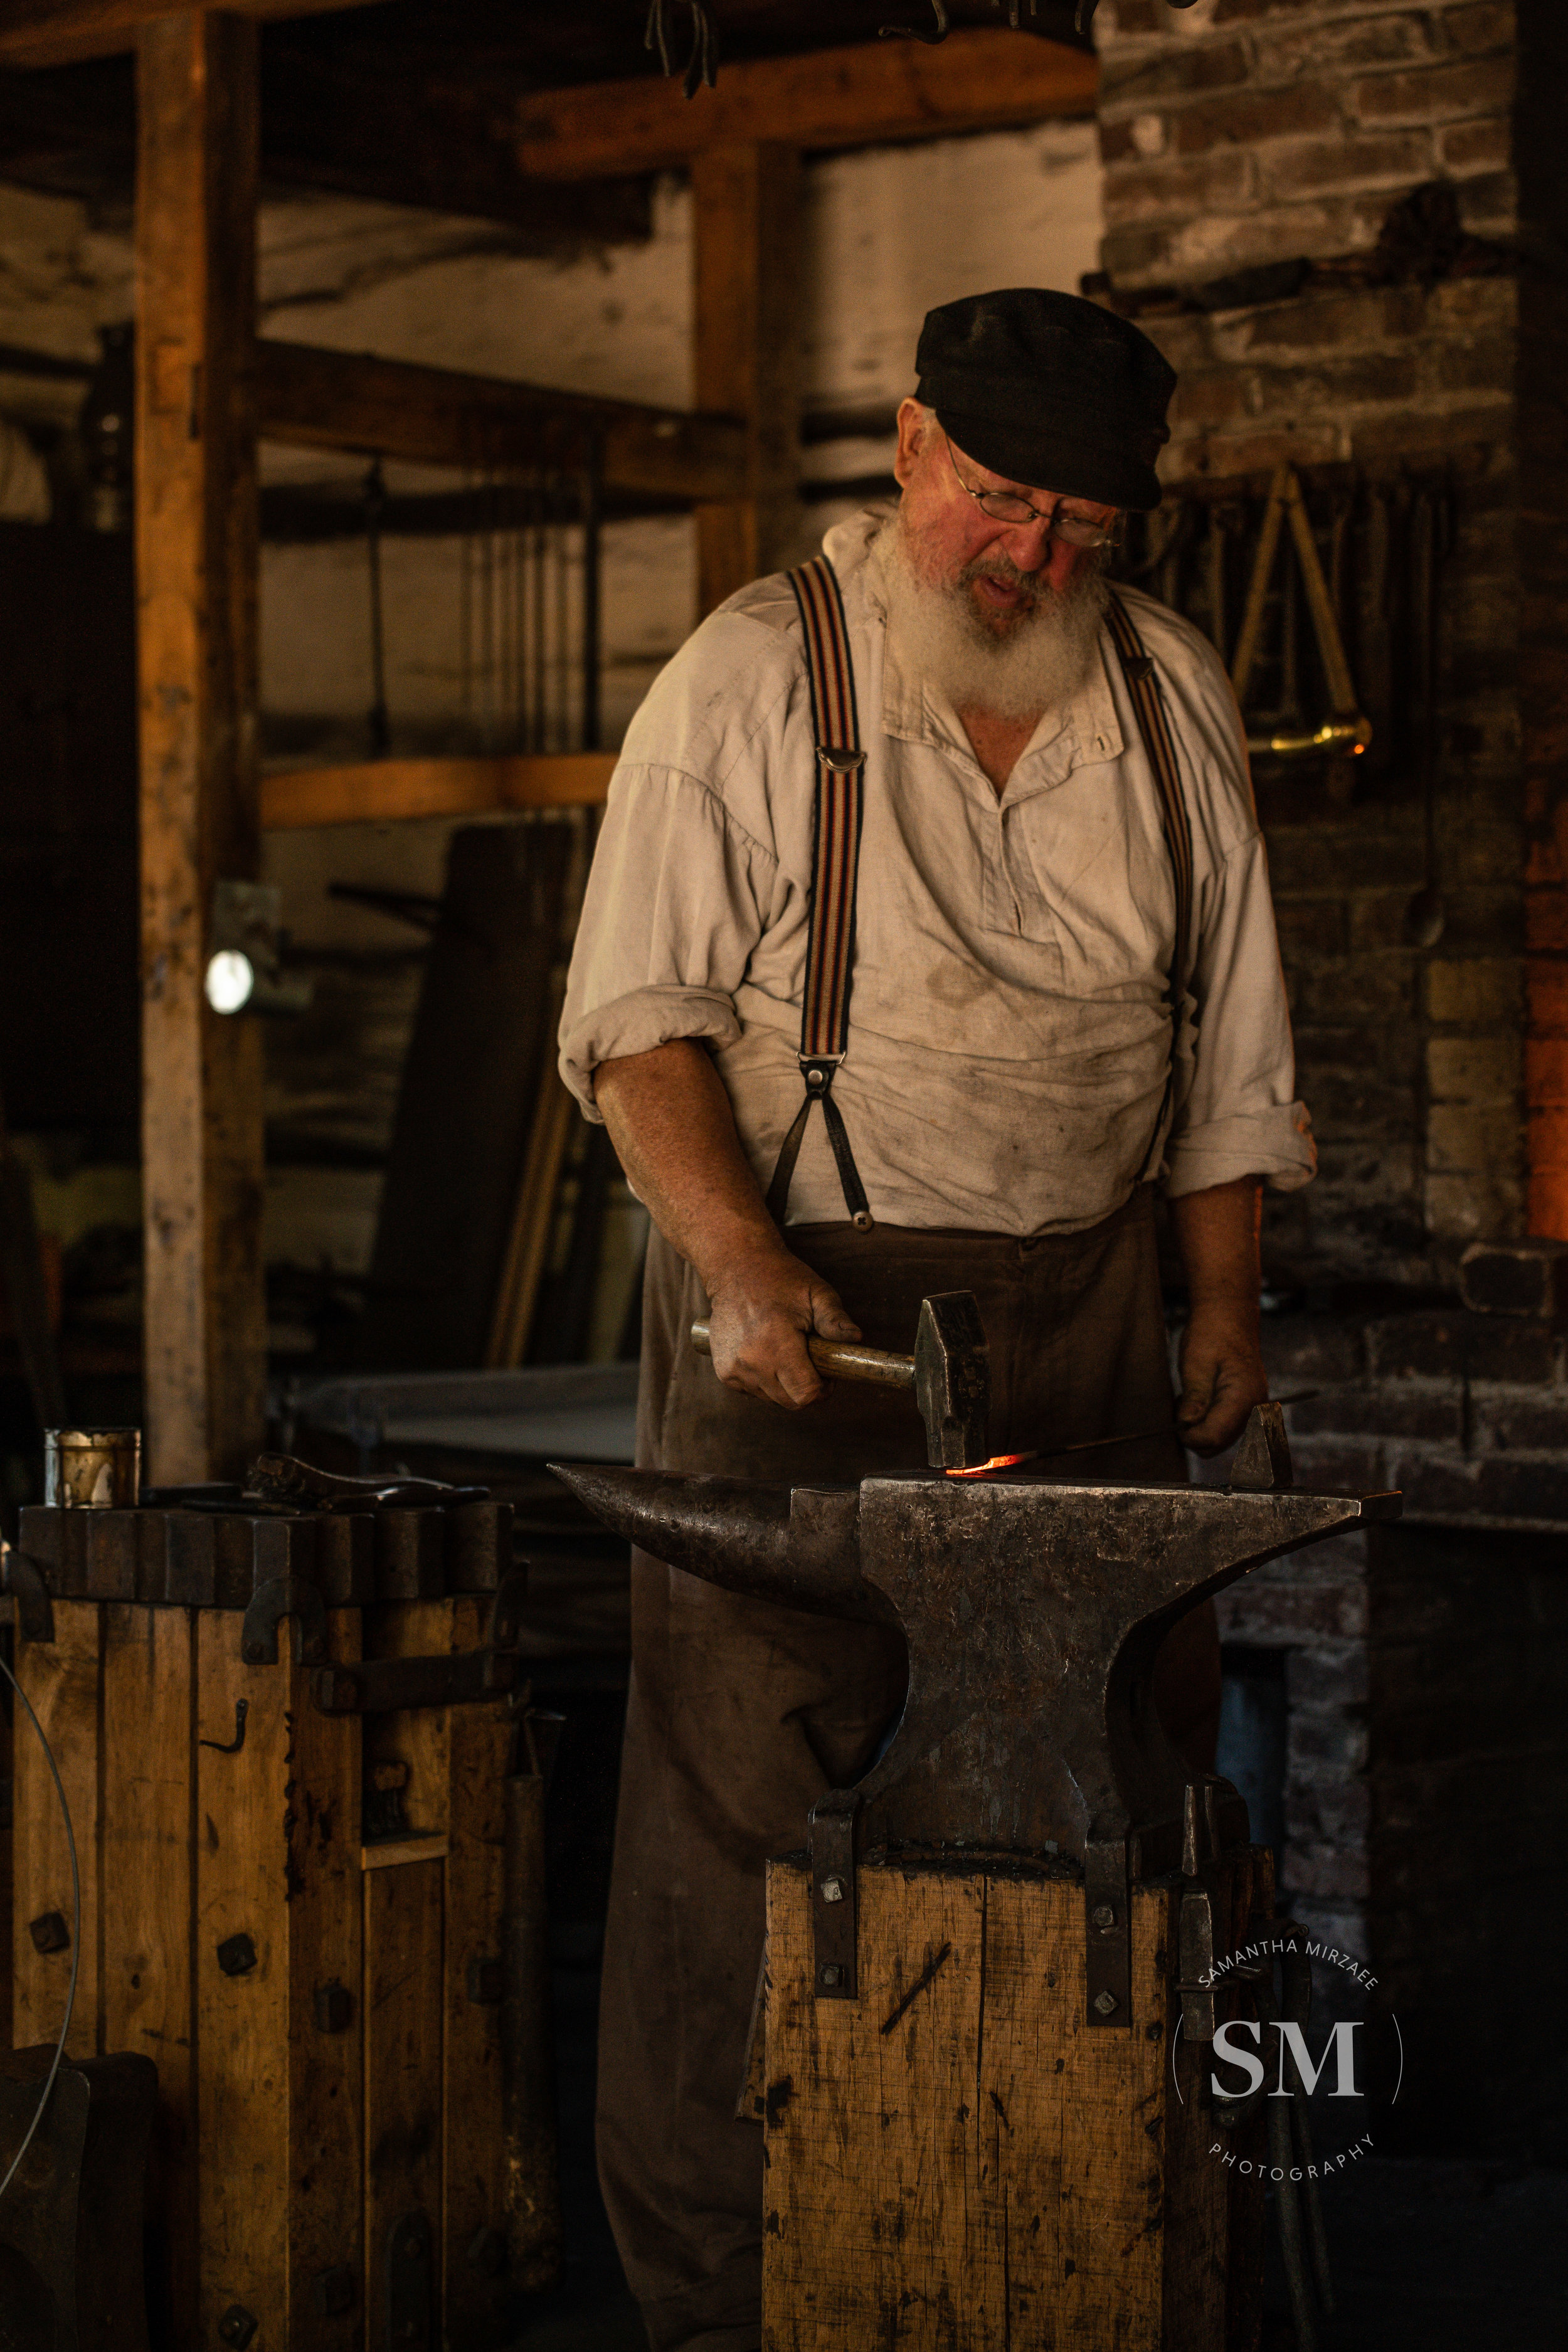 Blacksmith demonstration at Upper Canada Village